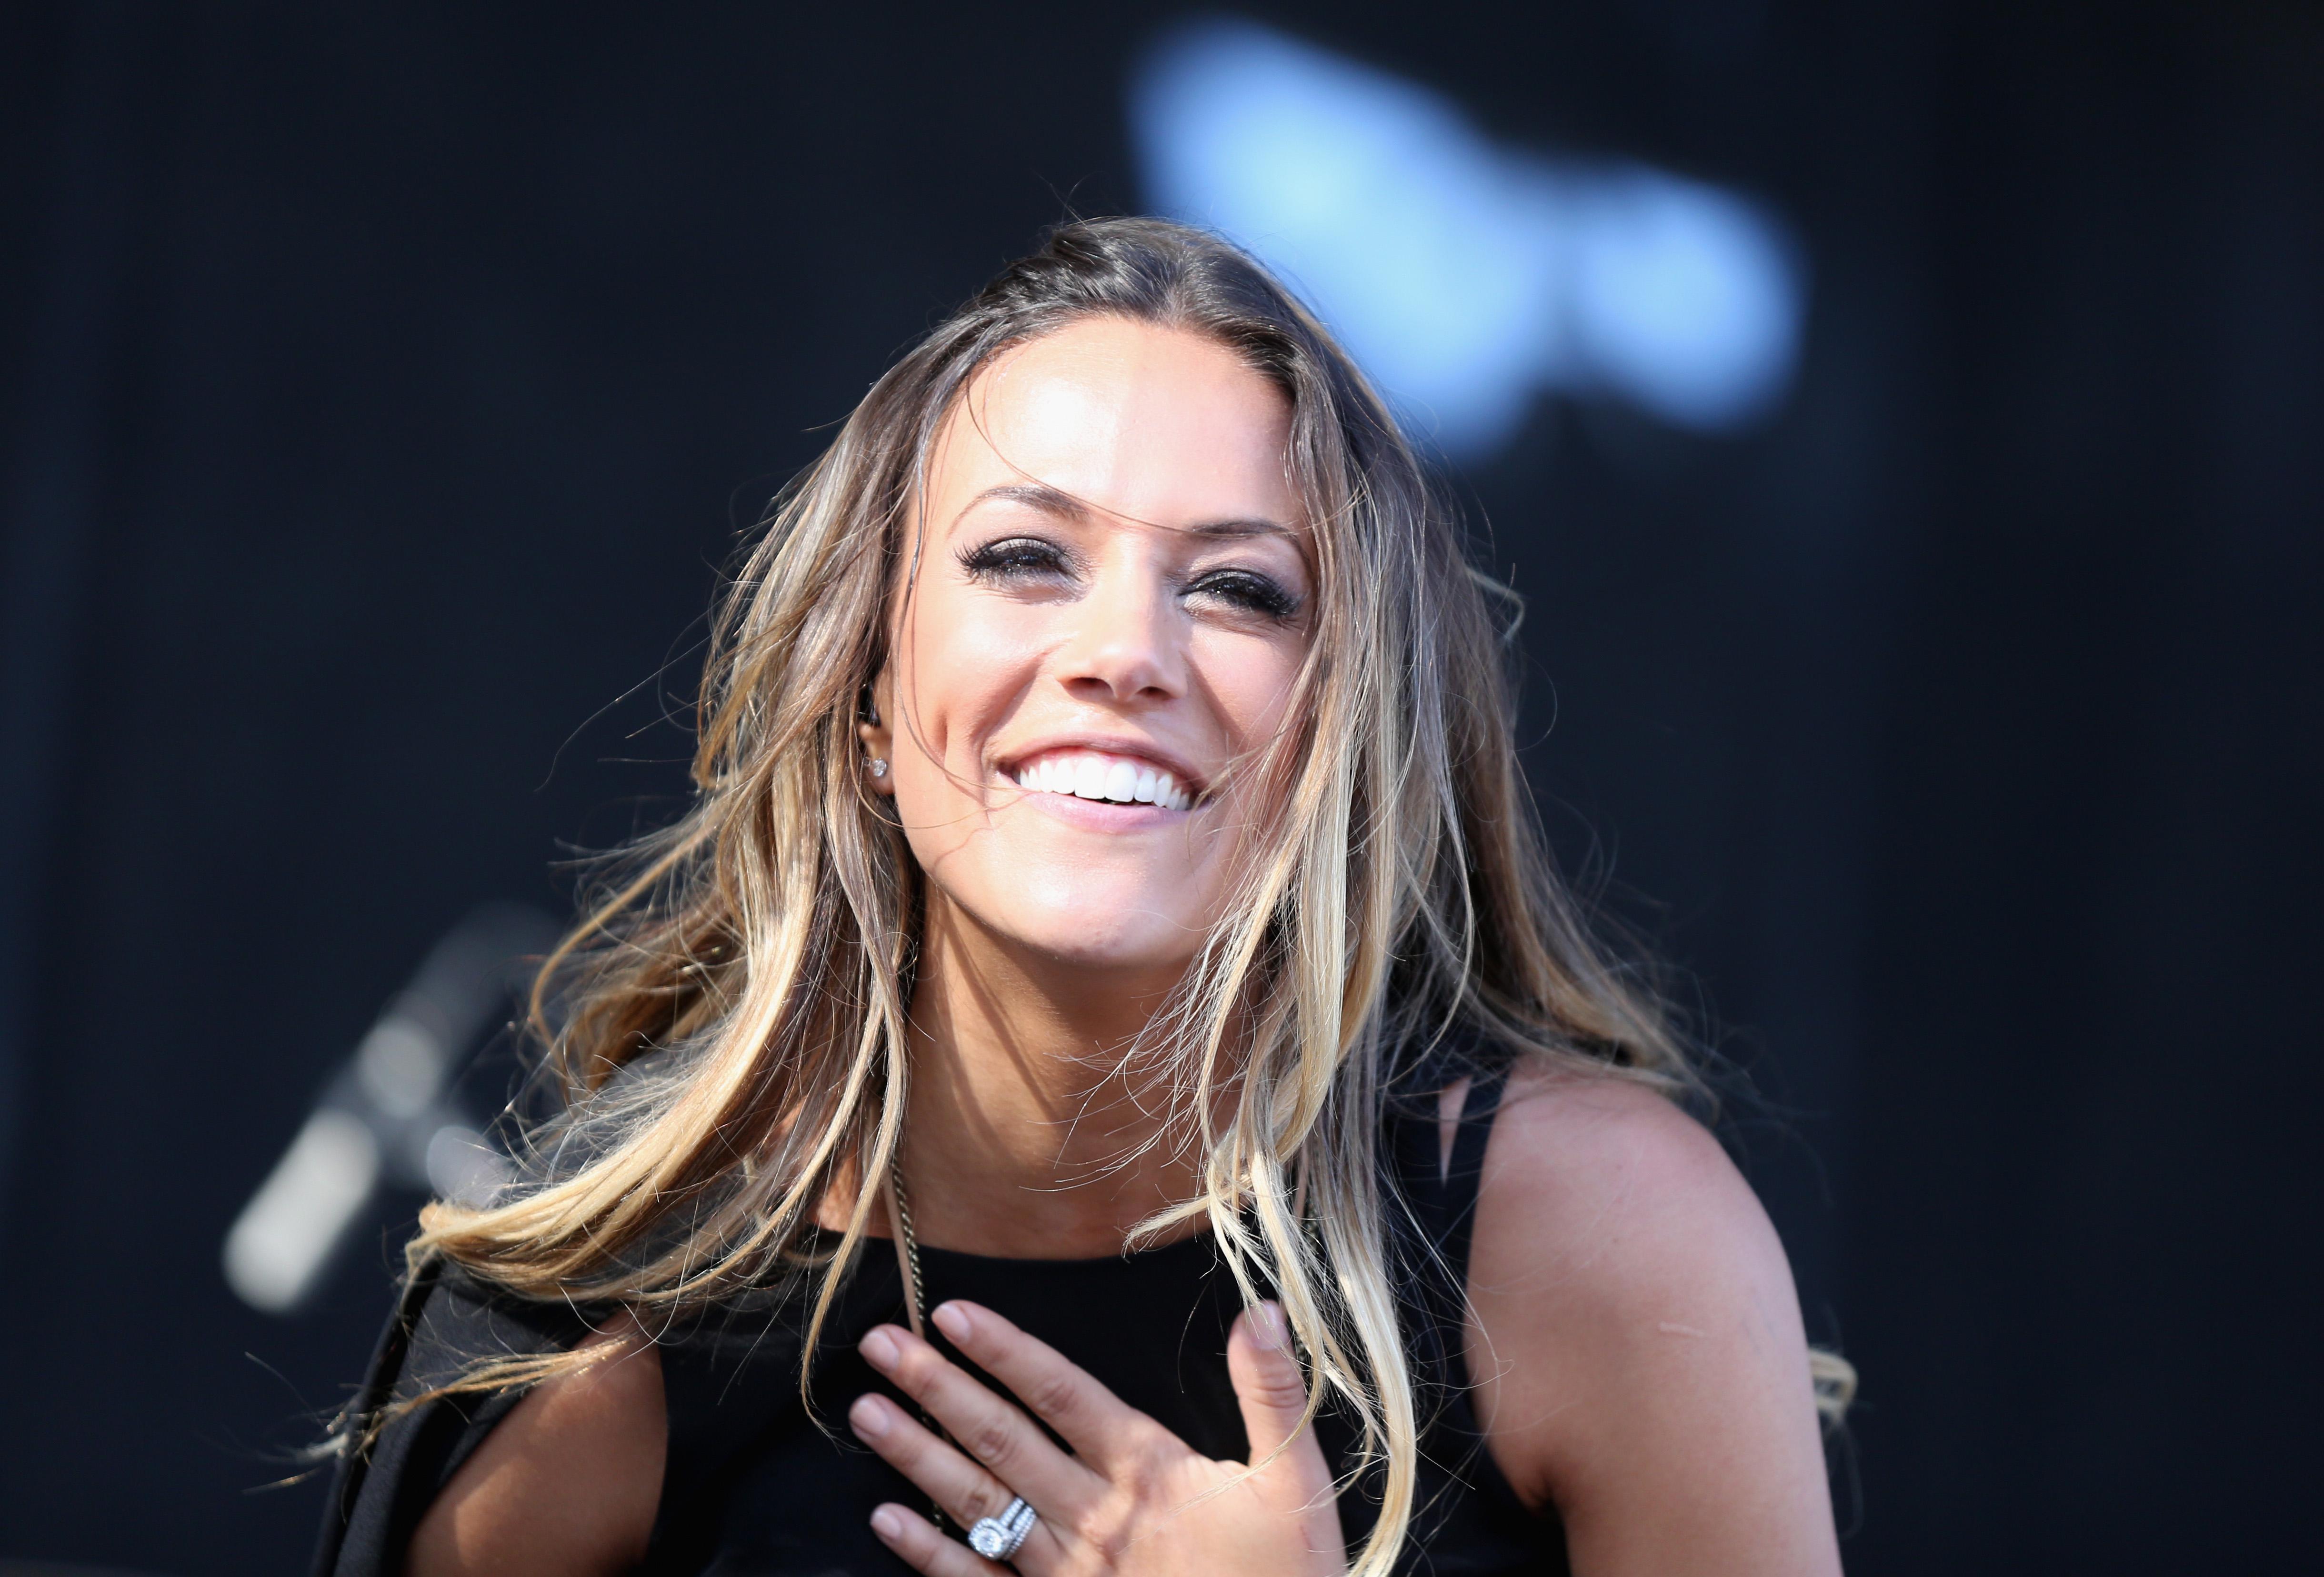 Jana Kramer Selects 'Personal Song' 'Circles' as New Single